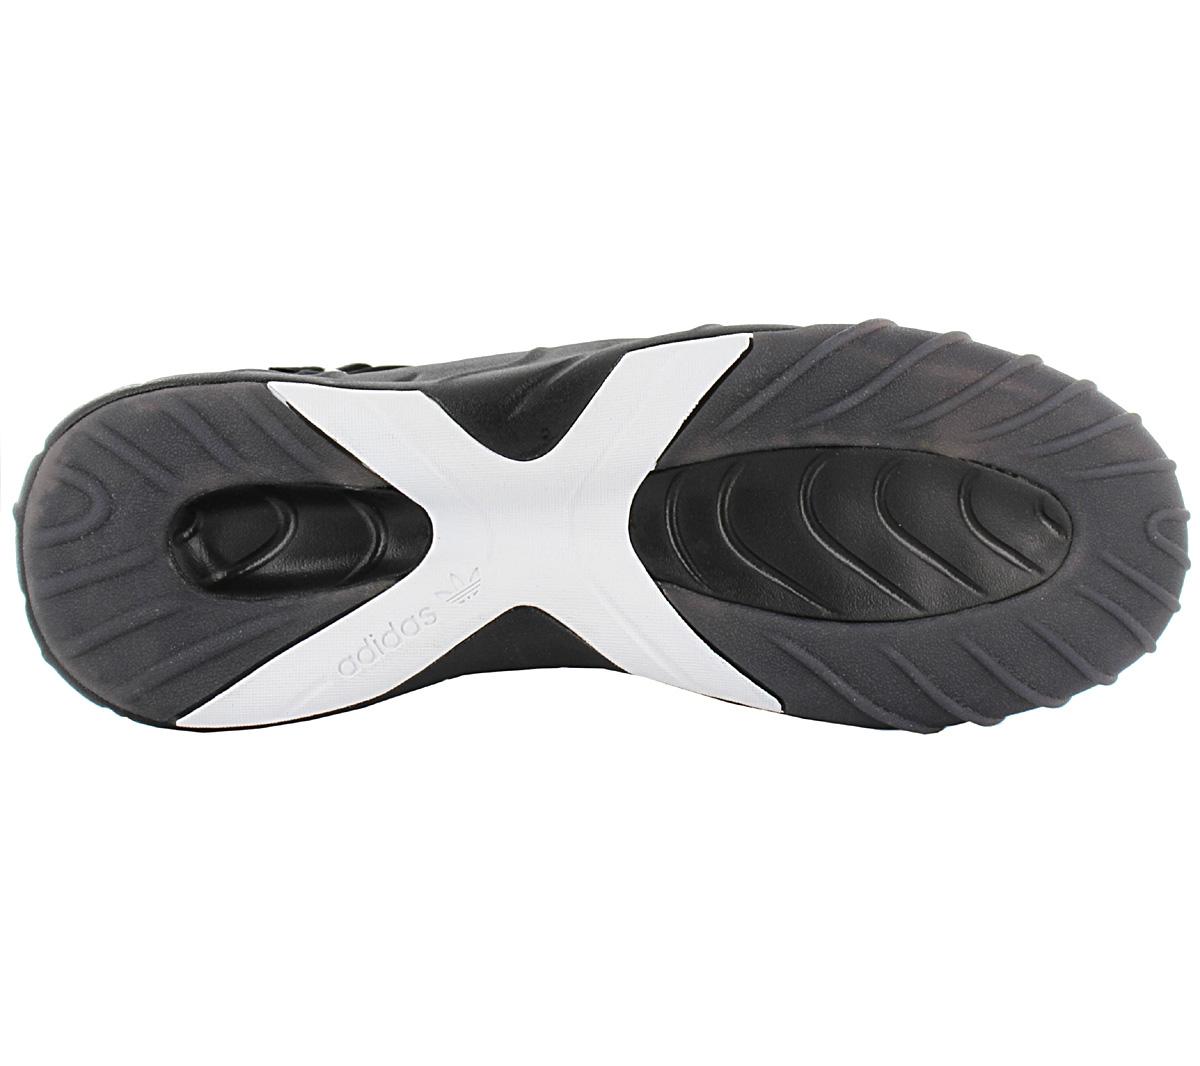 huge discount 8a1da d26b5 Adidas Originals Tubular x 2.0 Pk Primeknit Sneaker CQ1374 Black ...